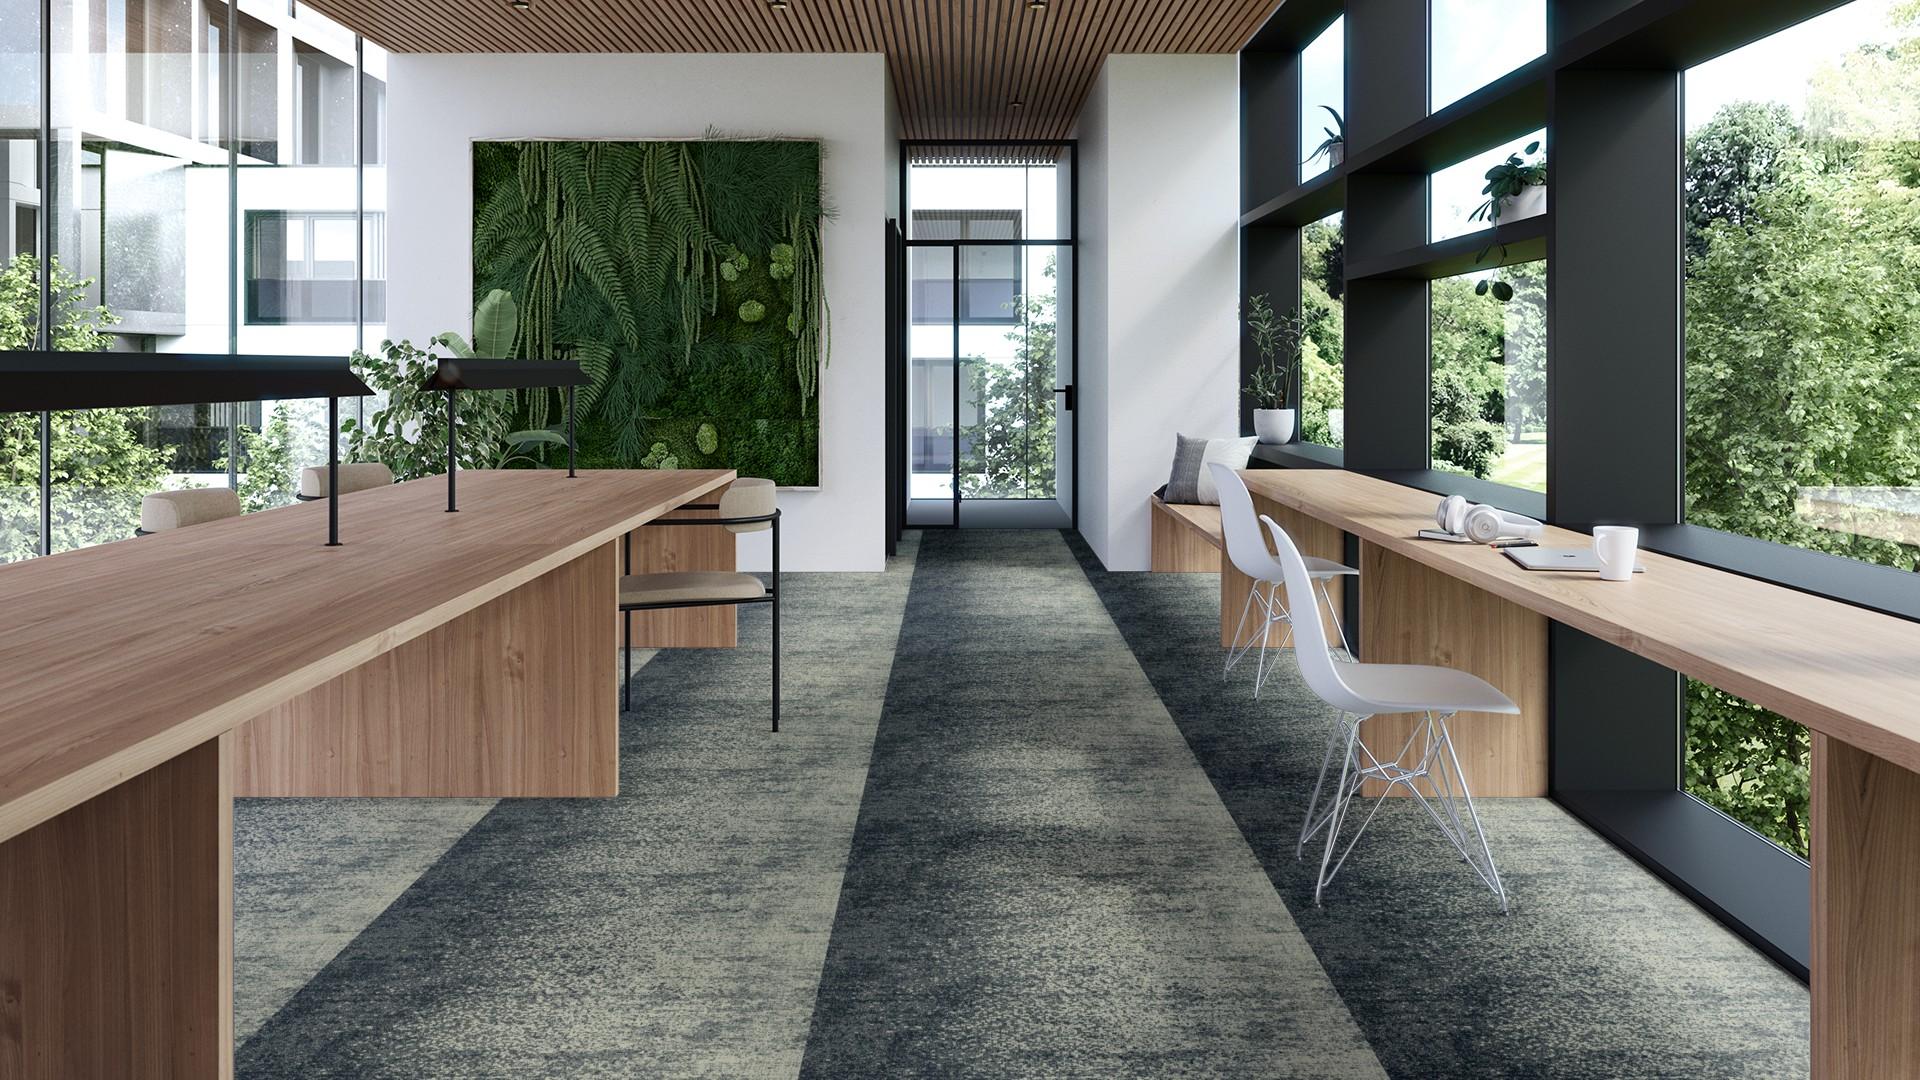 ReForm Construction Concrete Mix light grey/grey 96x96 RoowView 4